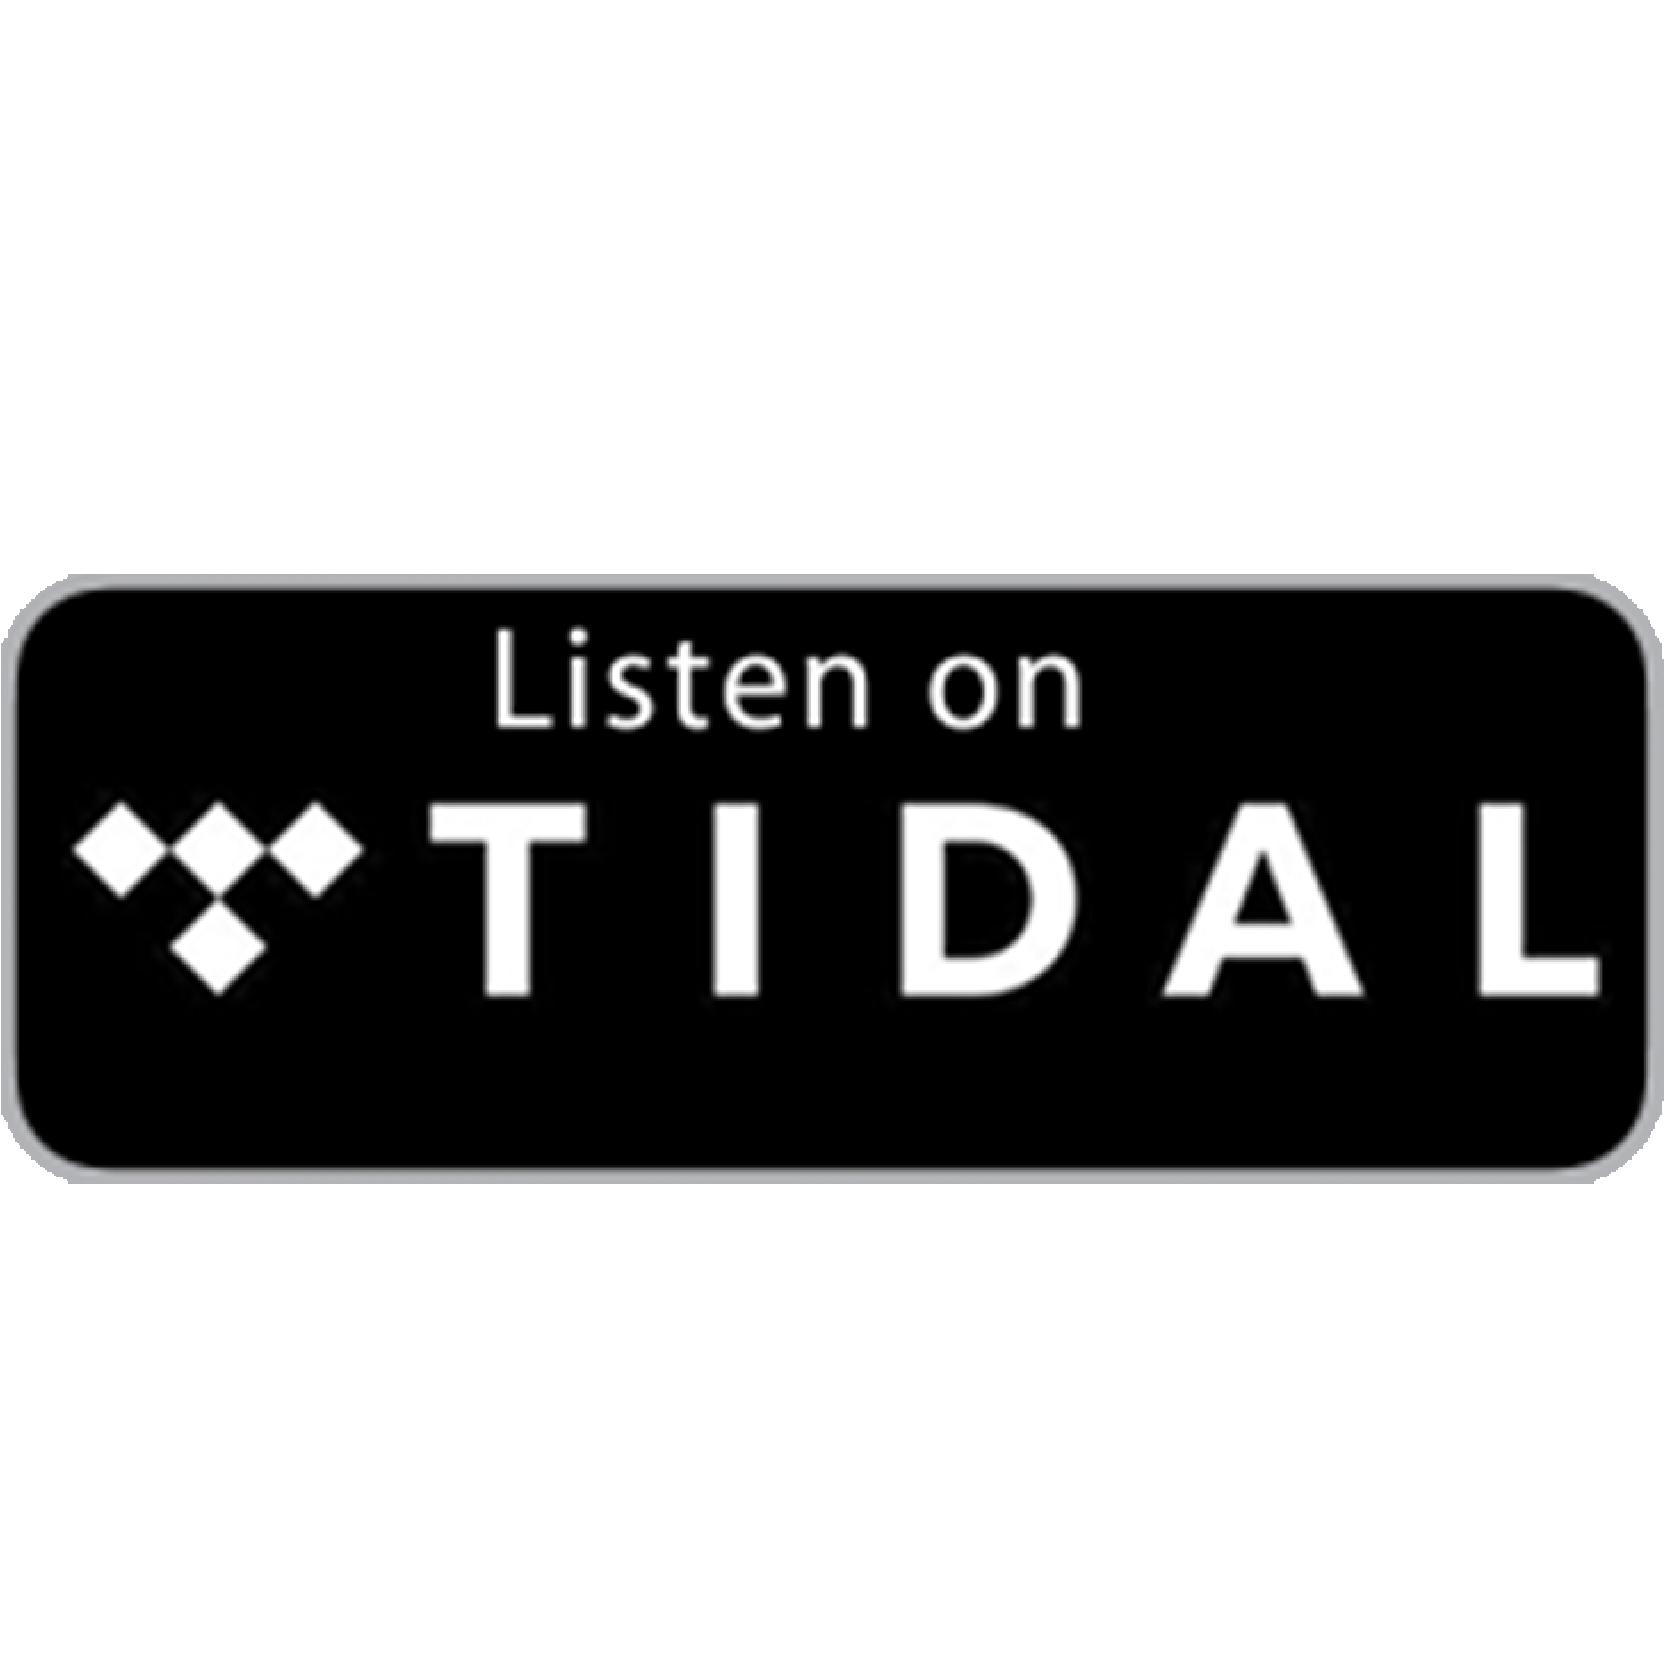 Tidal-01.png